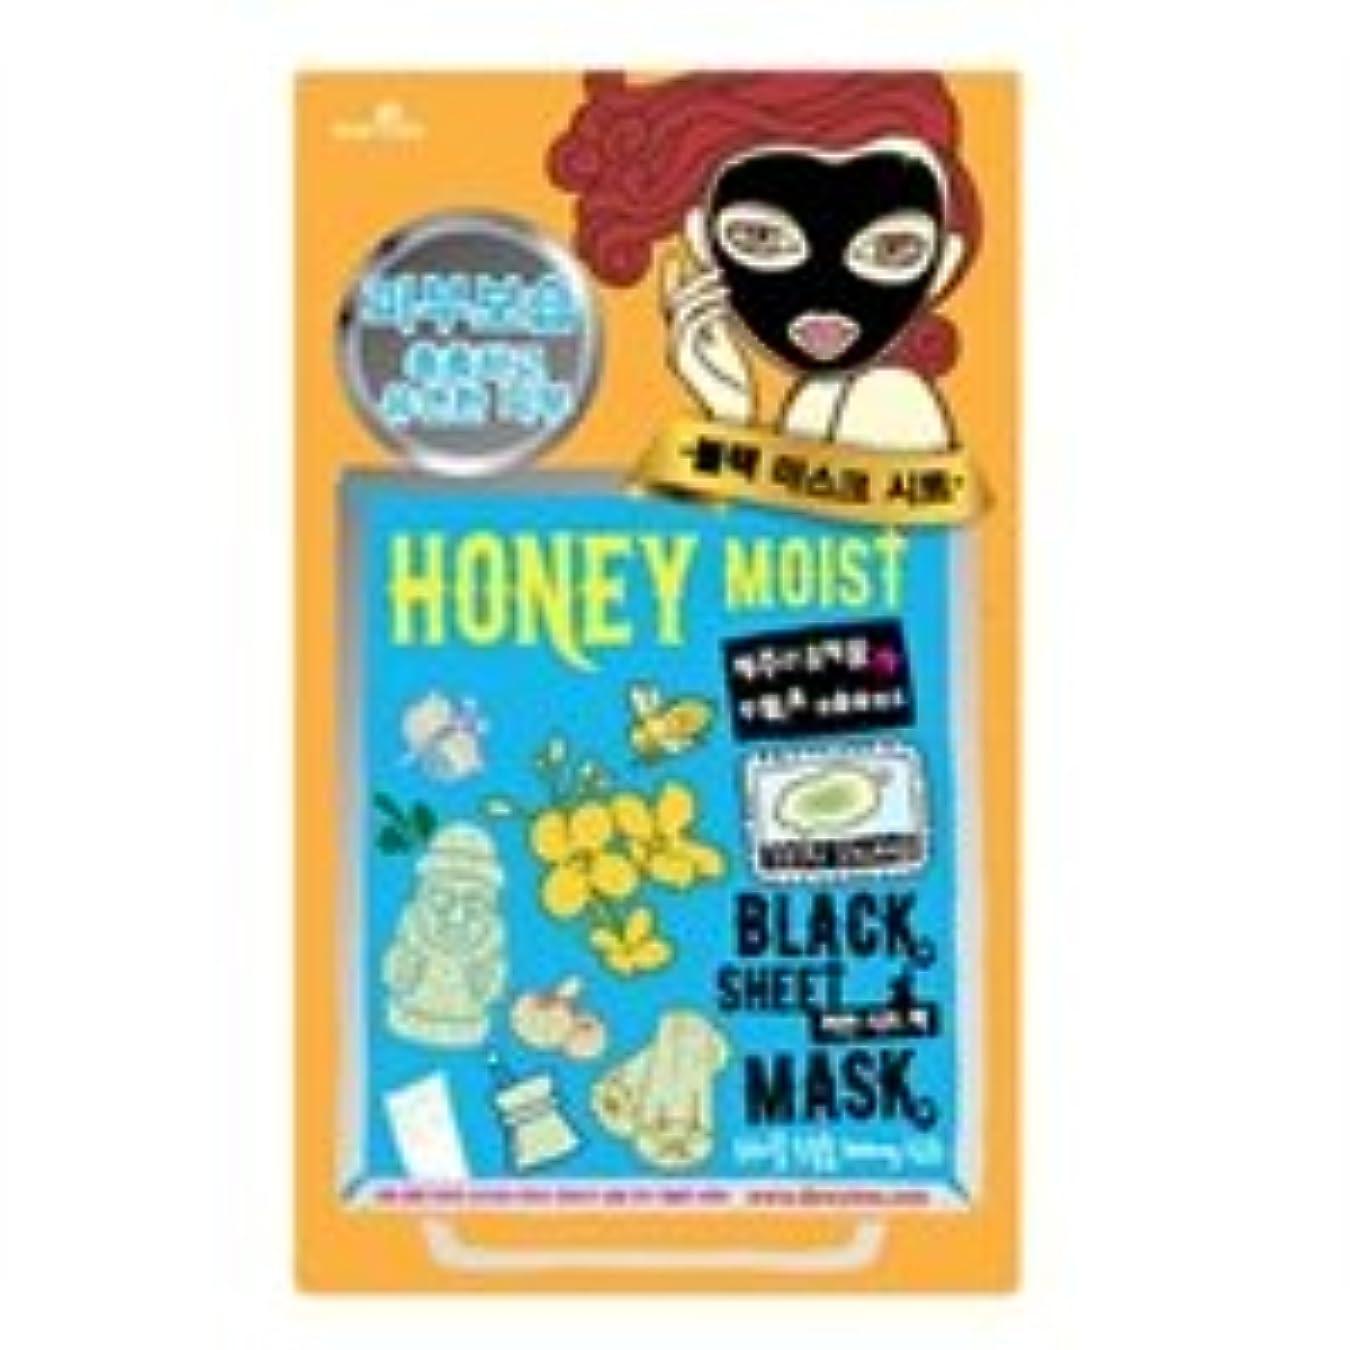 考古学的な化学薬品有害デューイトゥリー ハニーモイストブラックマスク 30g 10枚